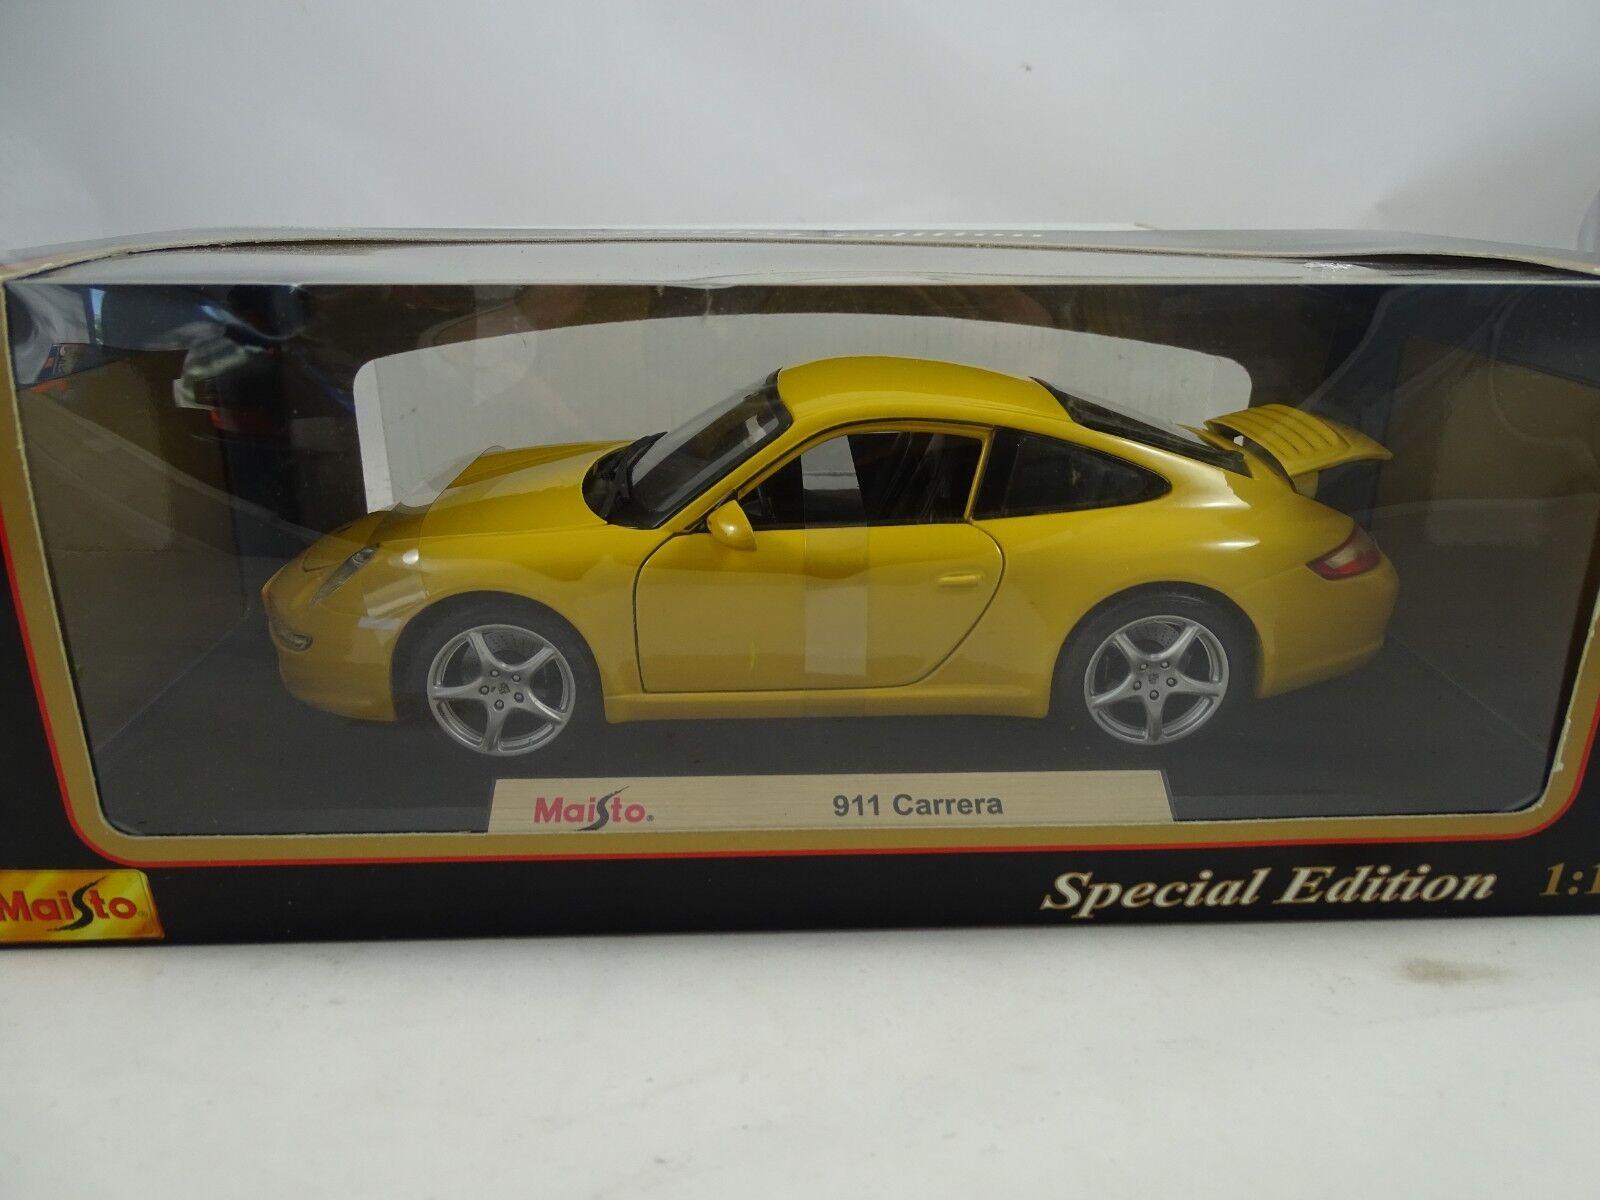 sconto prezzo basso 1 18 MAISTO specialeee edizione    31691 PORSCHE 911 autorera gituttio-rarità    profitto zero